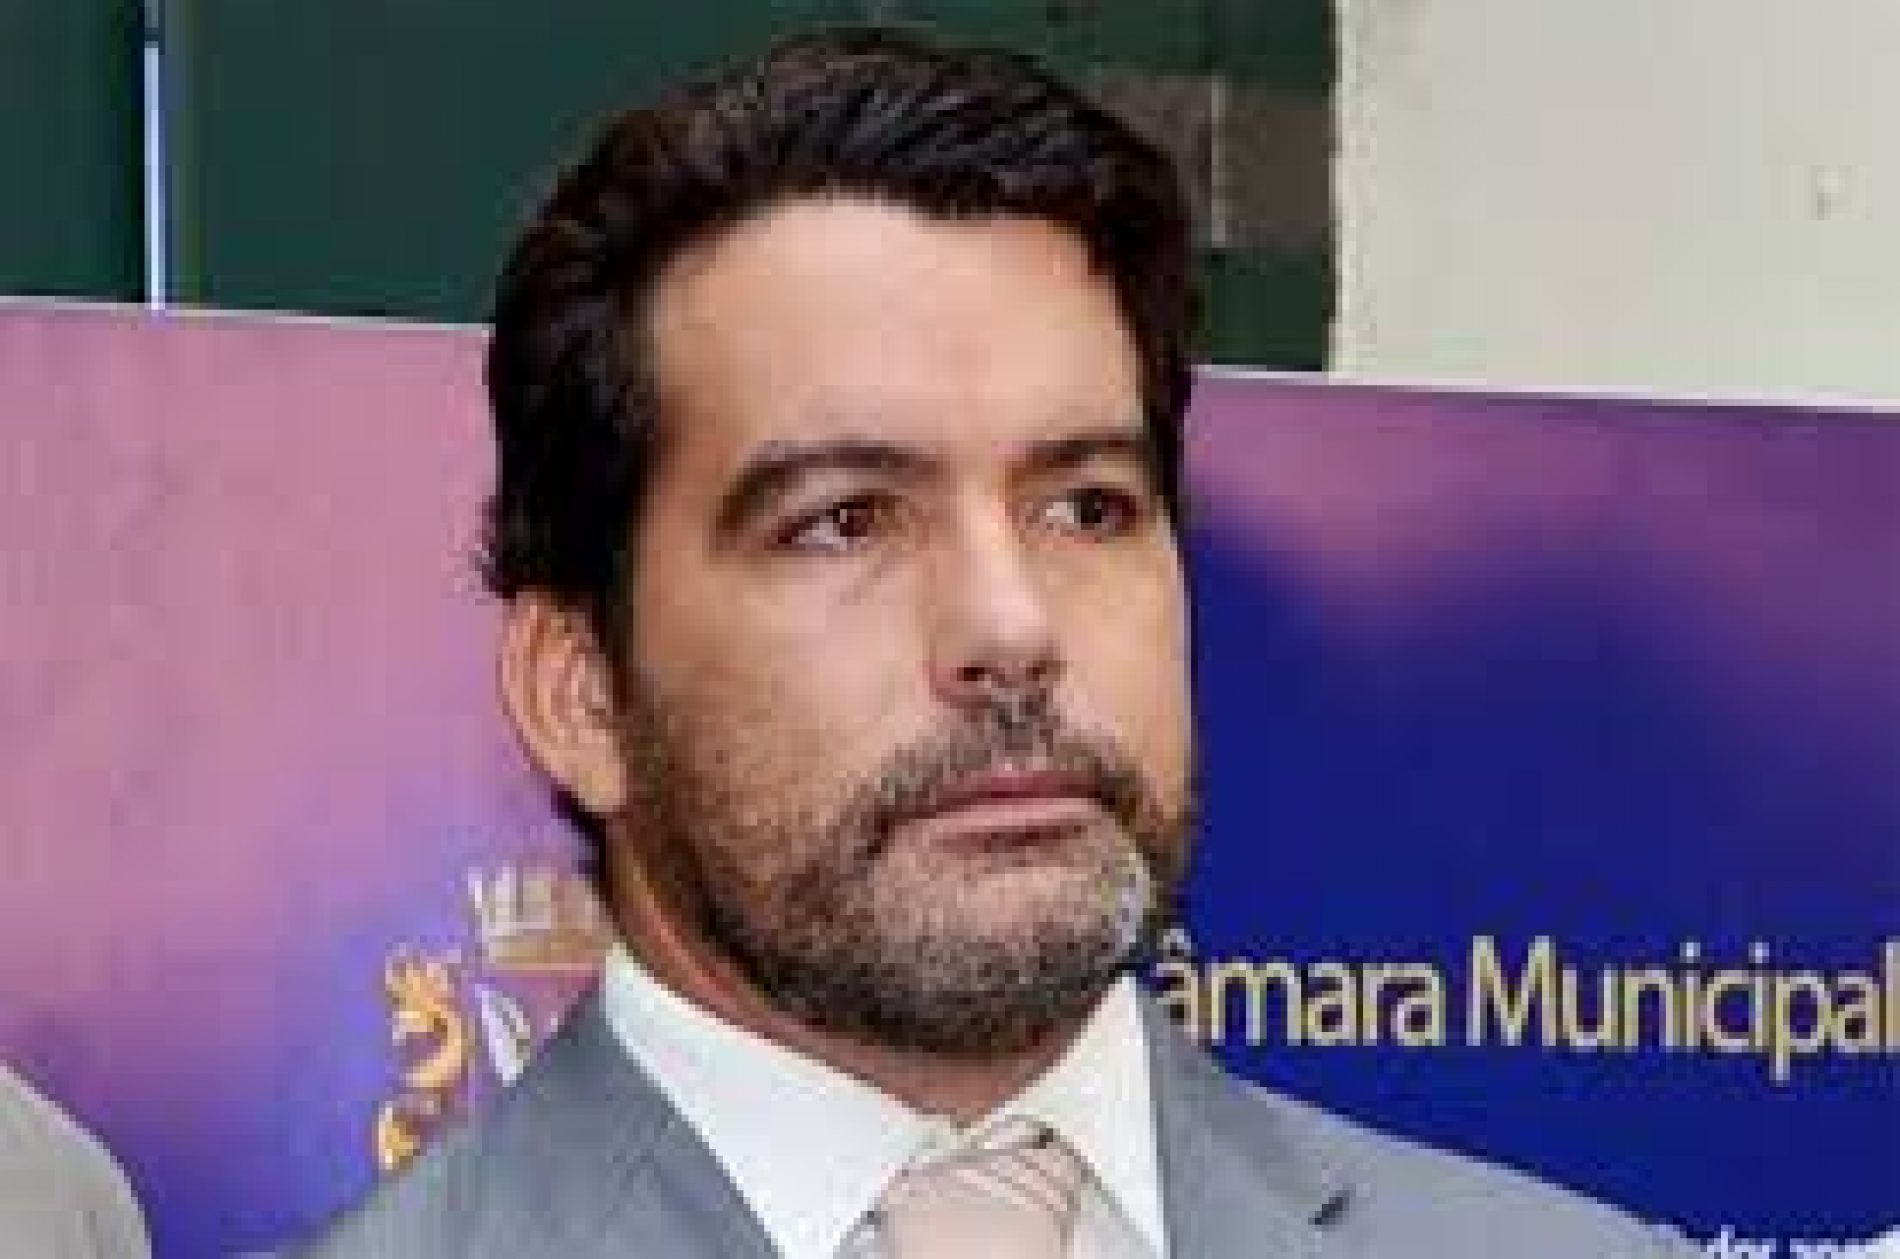 Relator comemora aprovação de empréstimo e critica oposição: será que querem voltar ao passado?